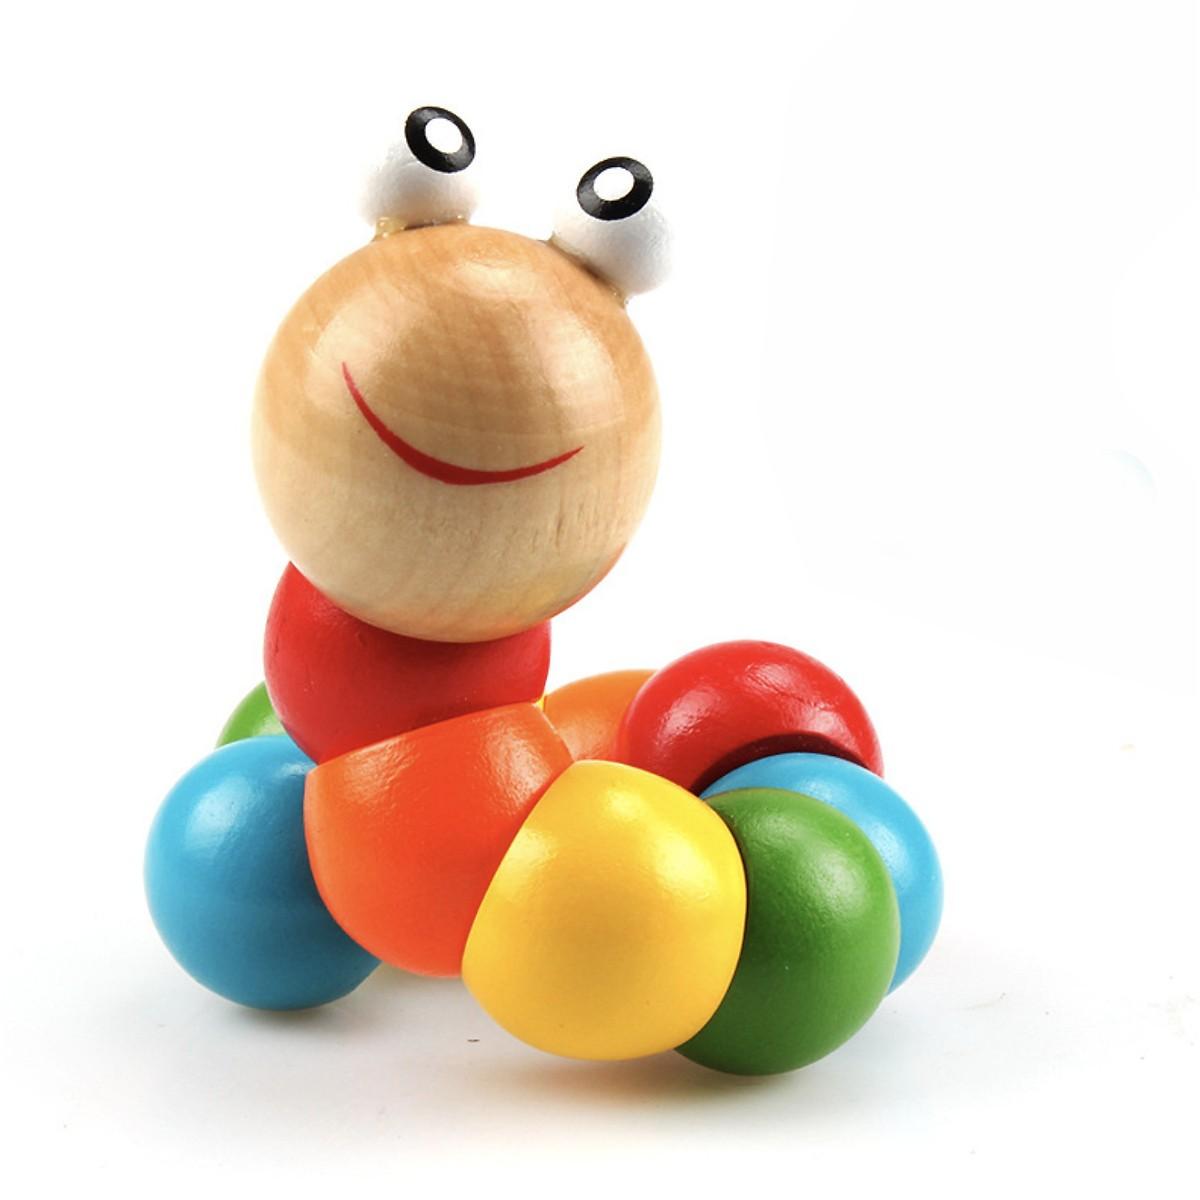 Sâu gỗ và trứng gỗ cho bé, Đồ chơi phát triển trí tuệ, Đồ chơi gỗ, Đồ chơi cho bé